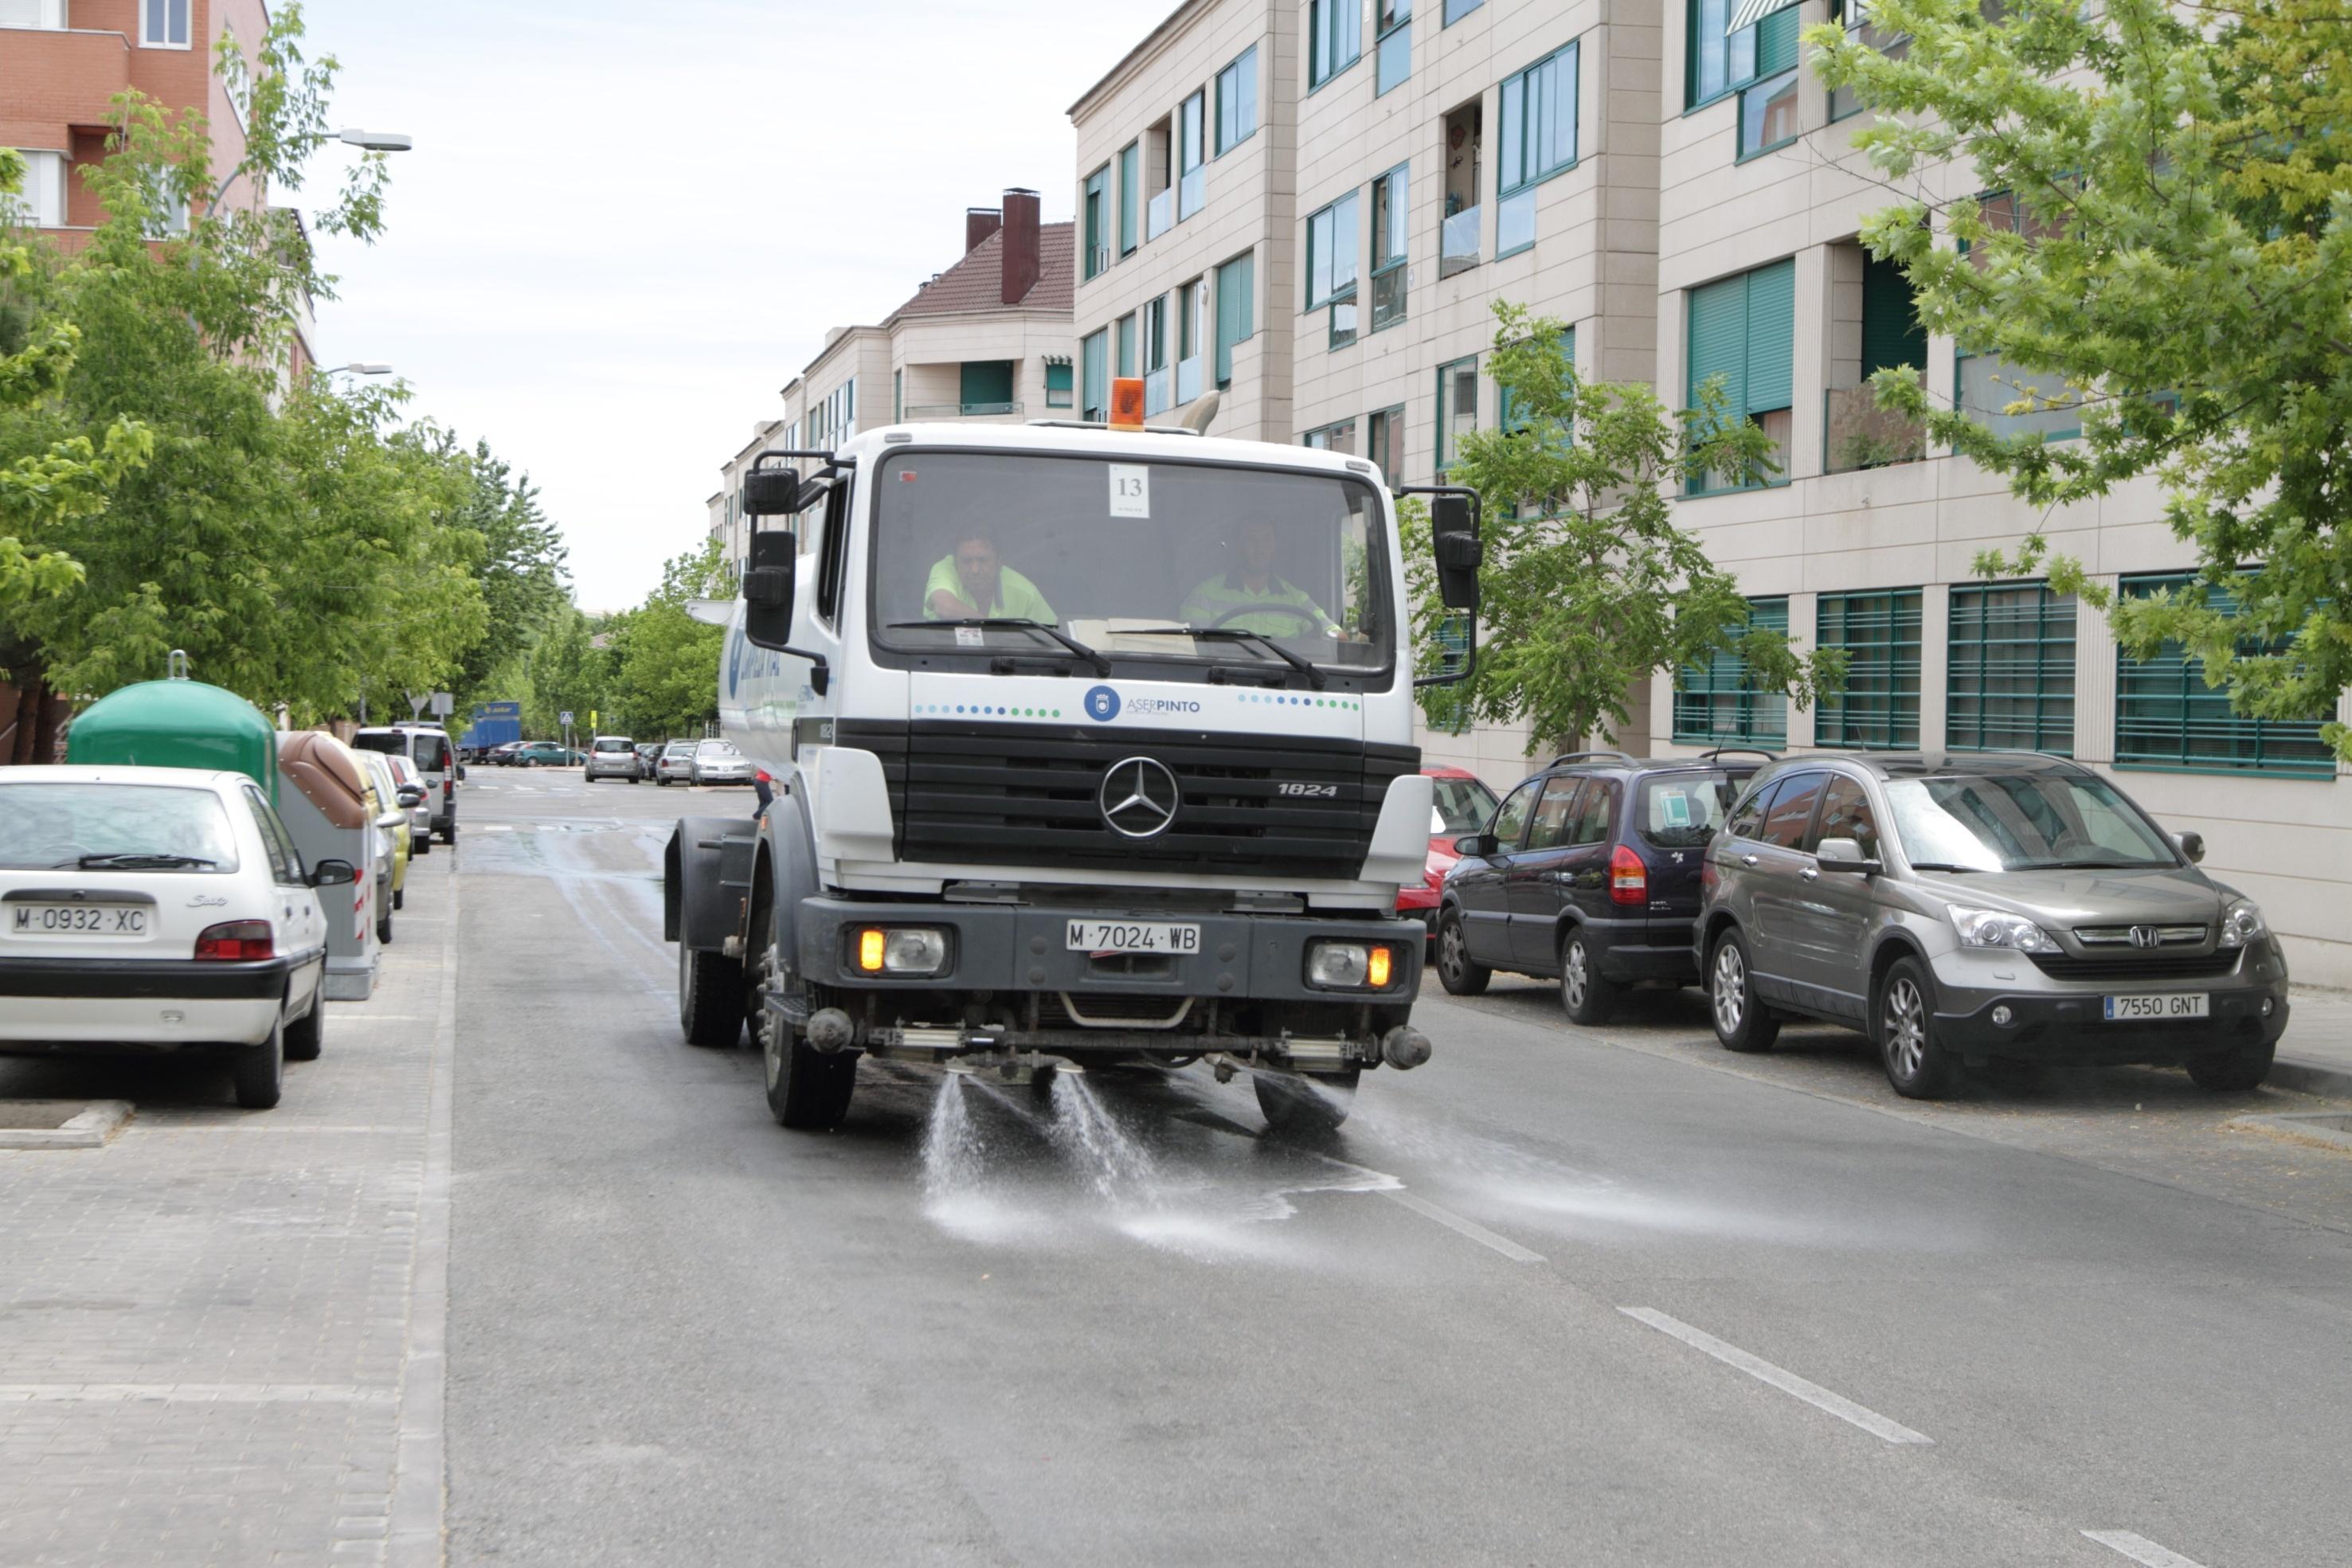 Un juzgado desestima la suspensión cautelar de la externalización de la recogida de basuras